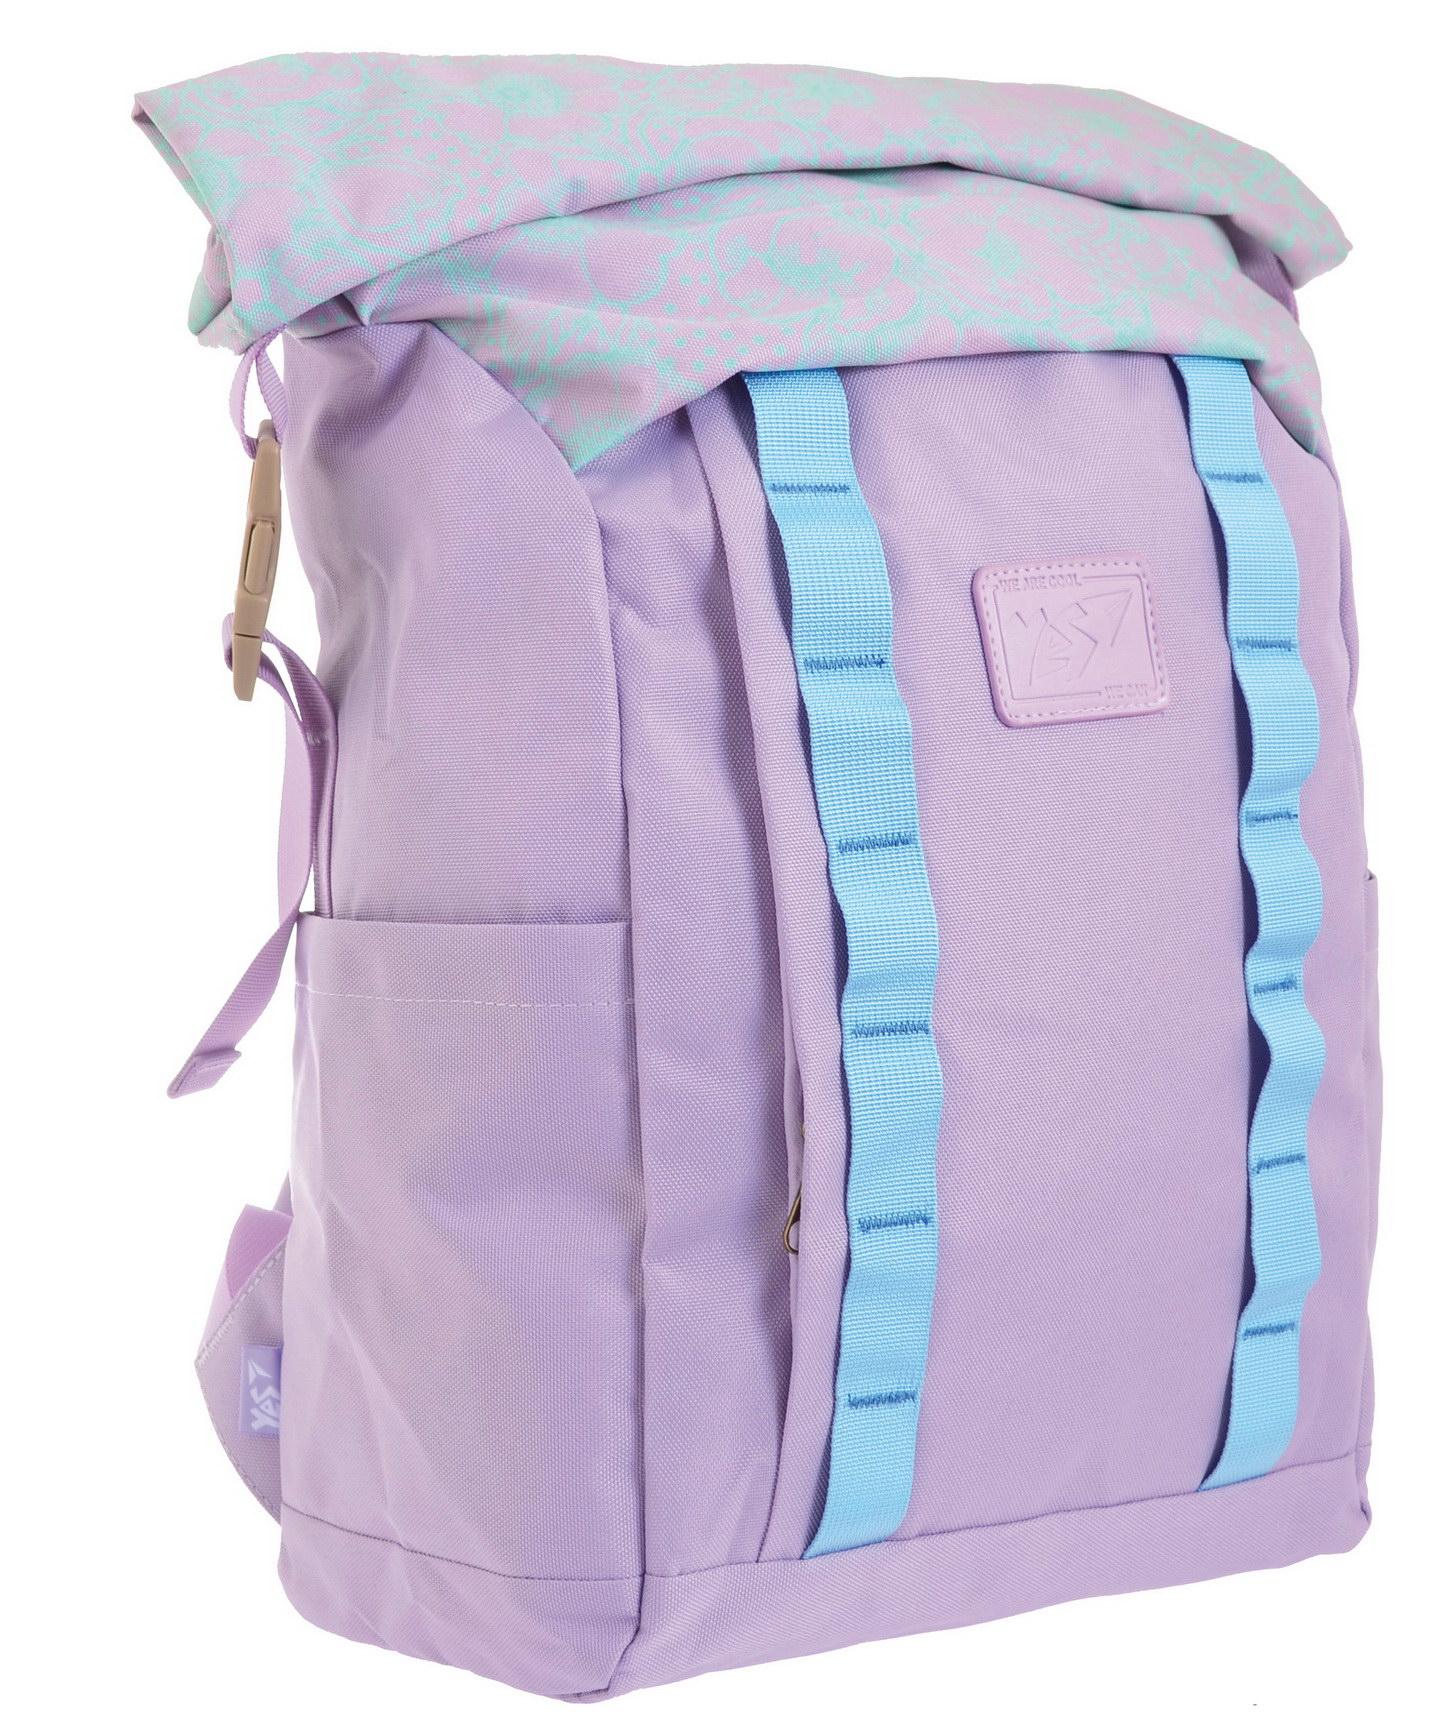 Купить школьный рюкзак для девочки